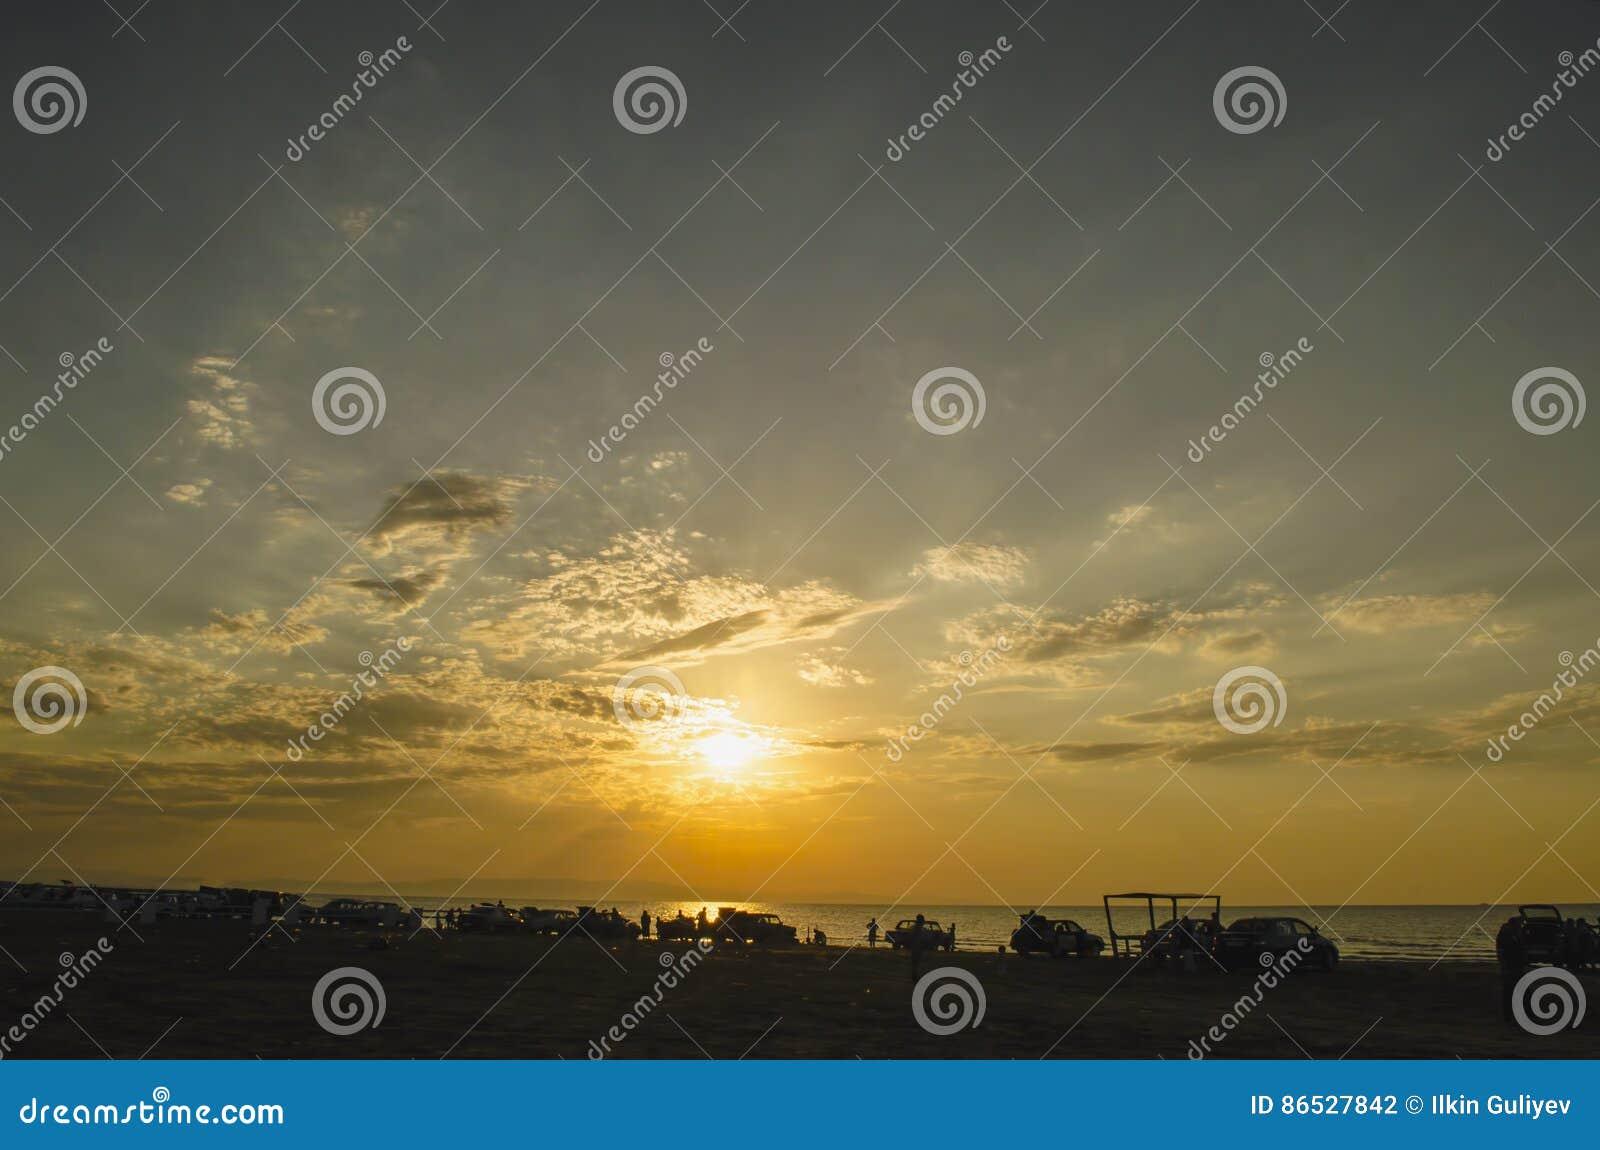 A paisagem de ardência bonita do por do sol no mar Cáspio e no céu alaranjado acima dela com reflexão dourada do sol impressionan